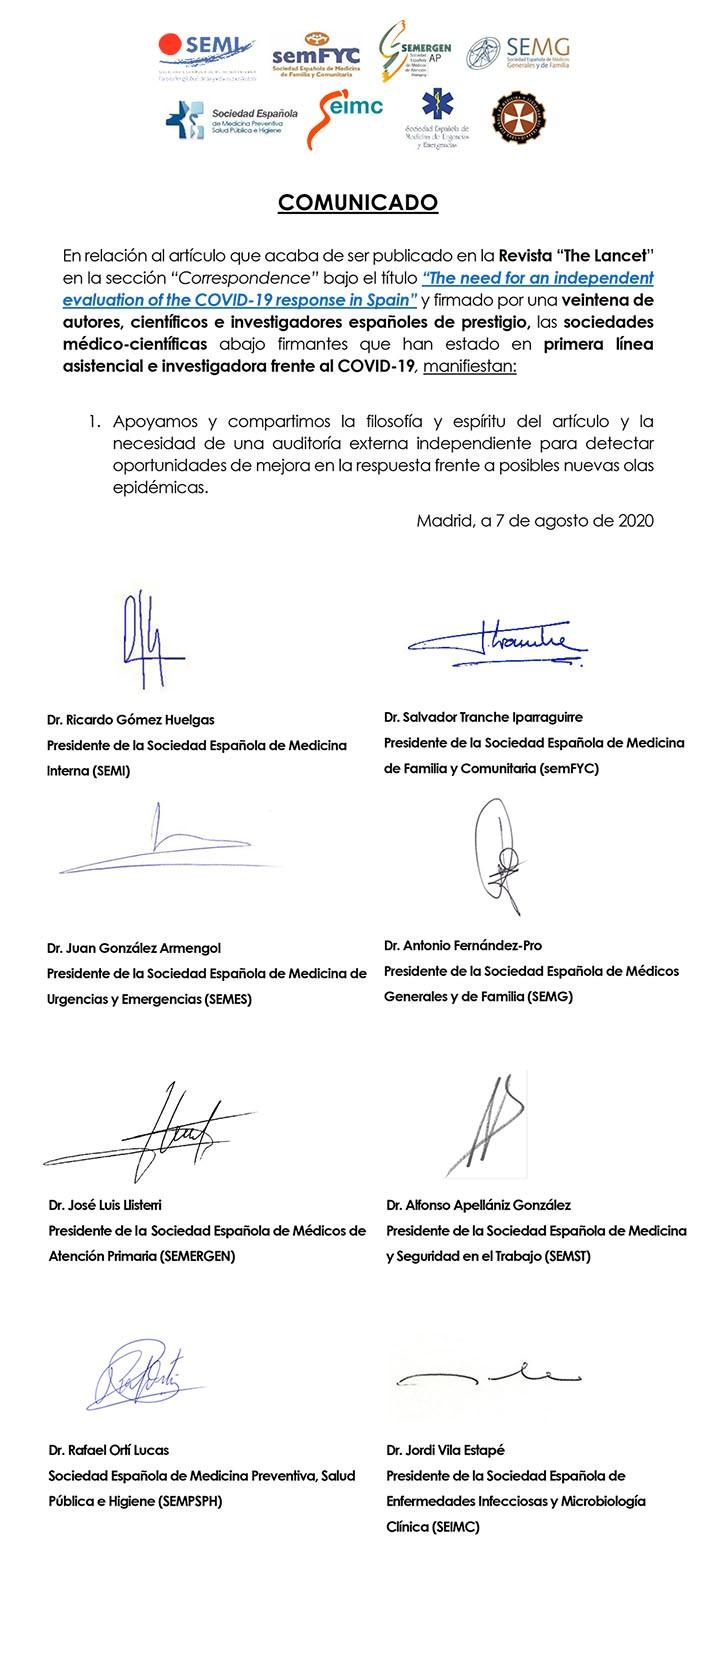 """SEMES se adhiere al comunicado conjunto sobre el artículo publicado en la revista The Lancet """"la necesidad de una evaluación independiente de la respuesta al Covid-19 en España"""""""